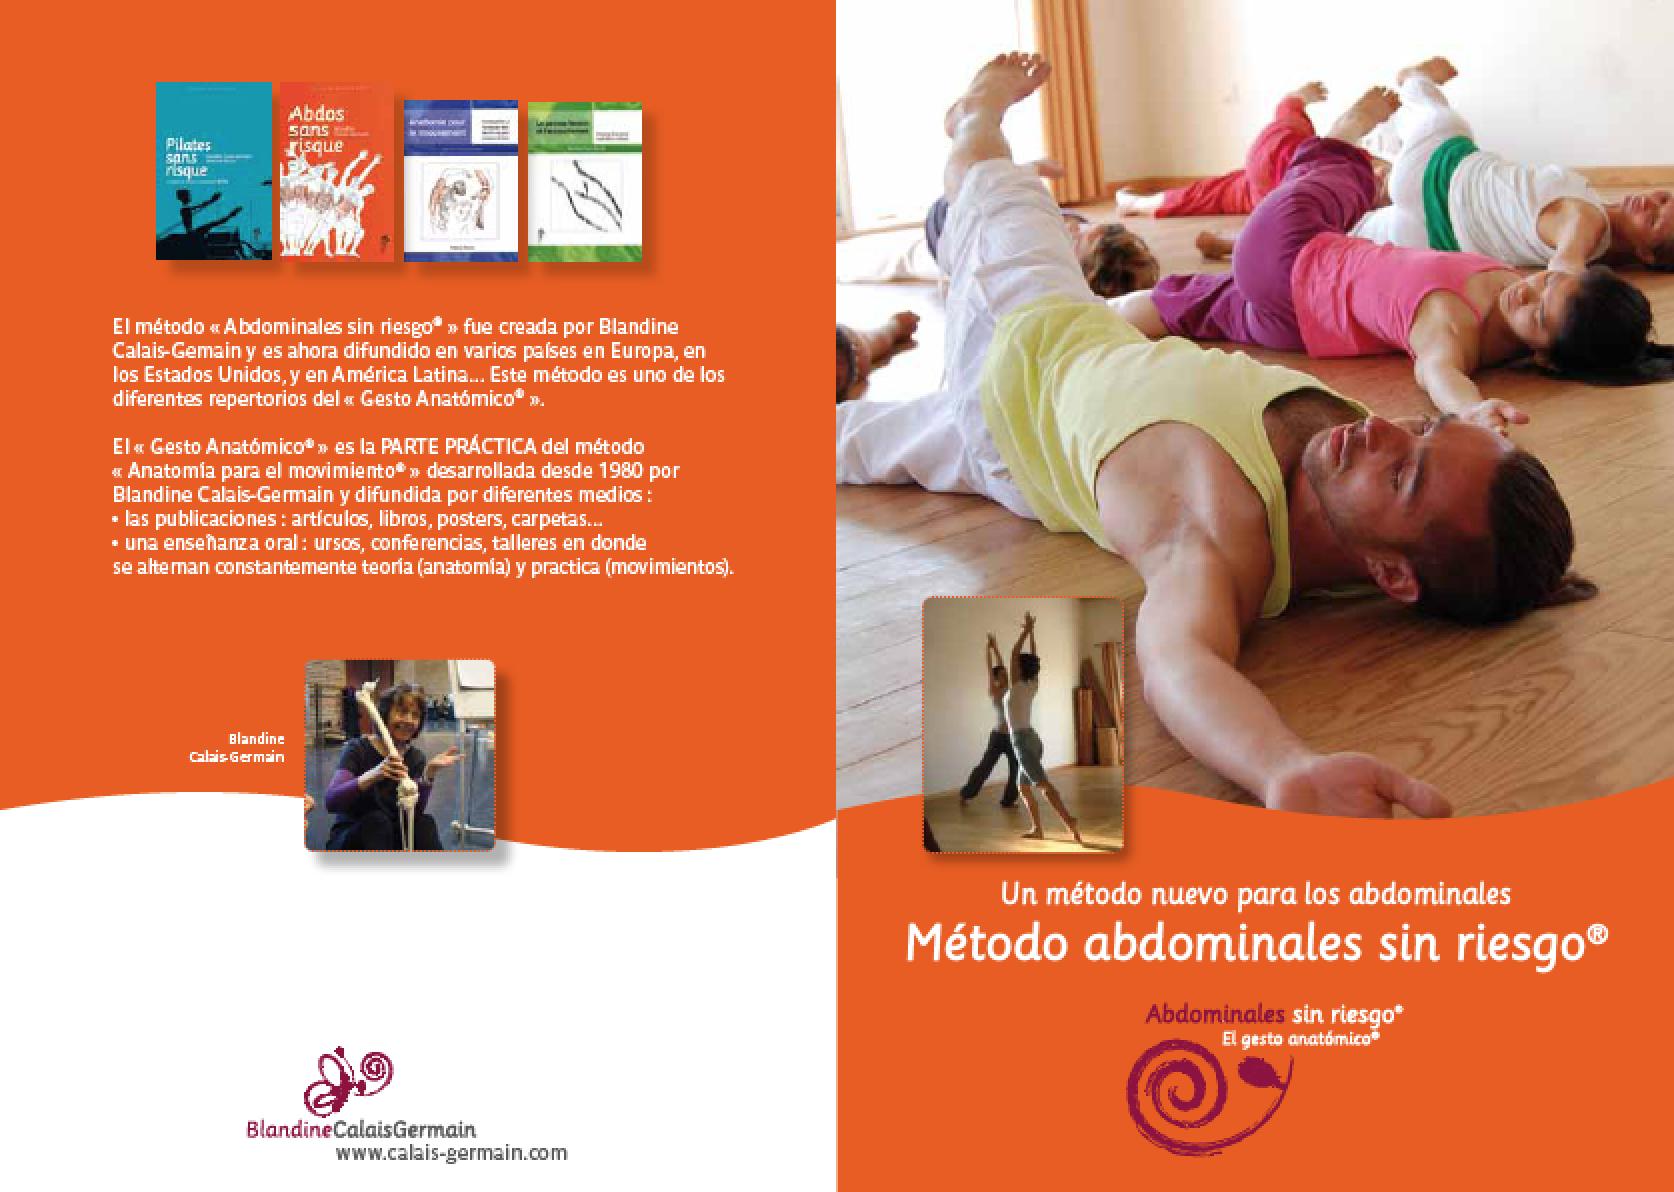 Abdominales Sin Riesgo - ASR